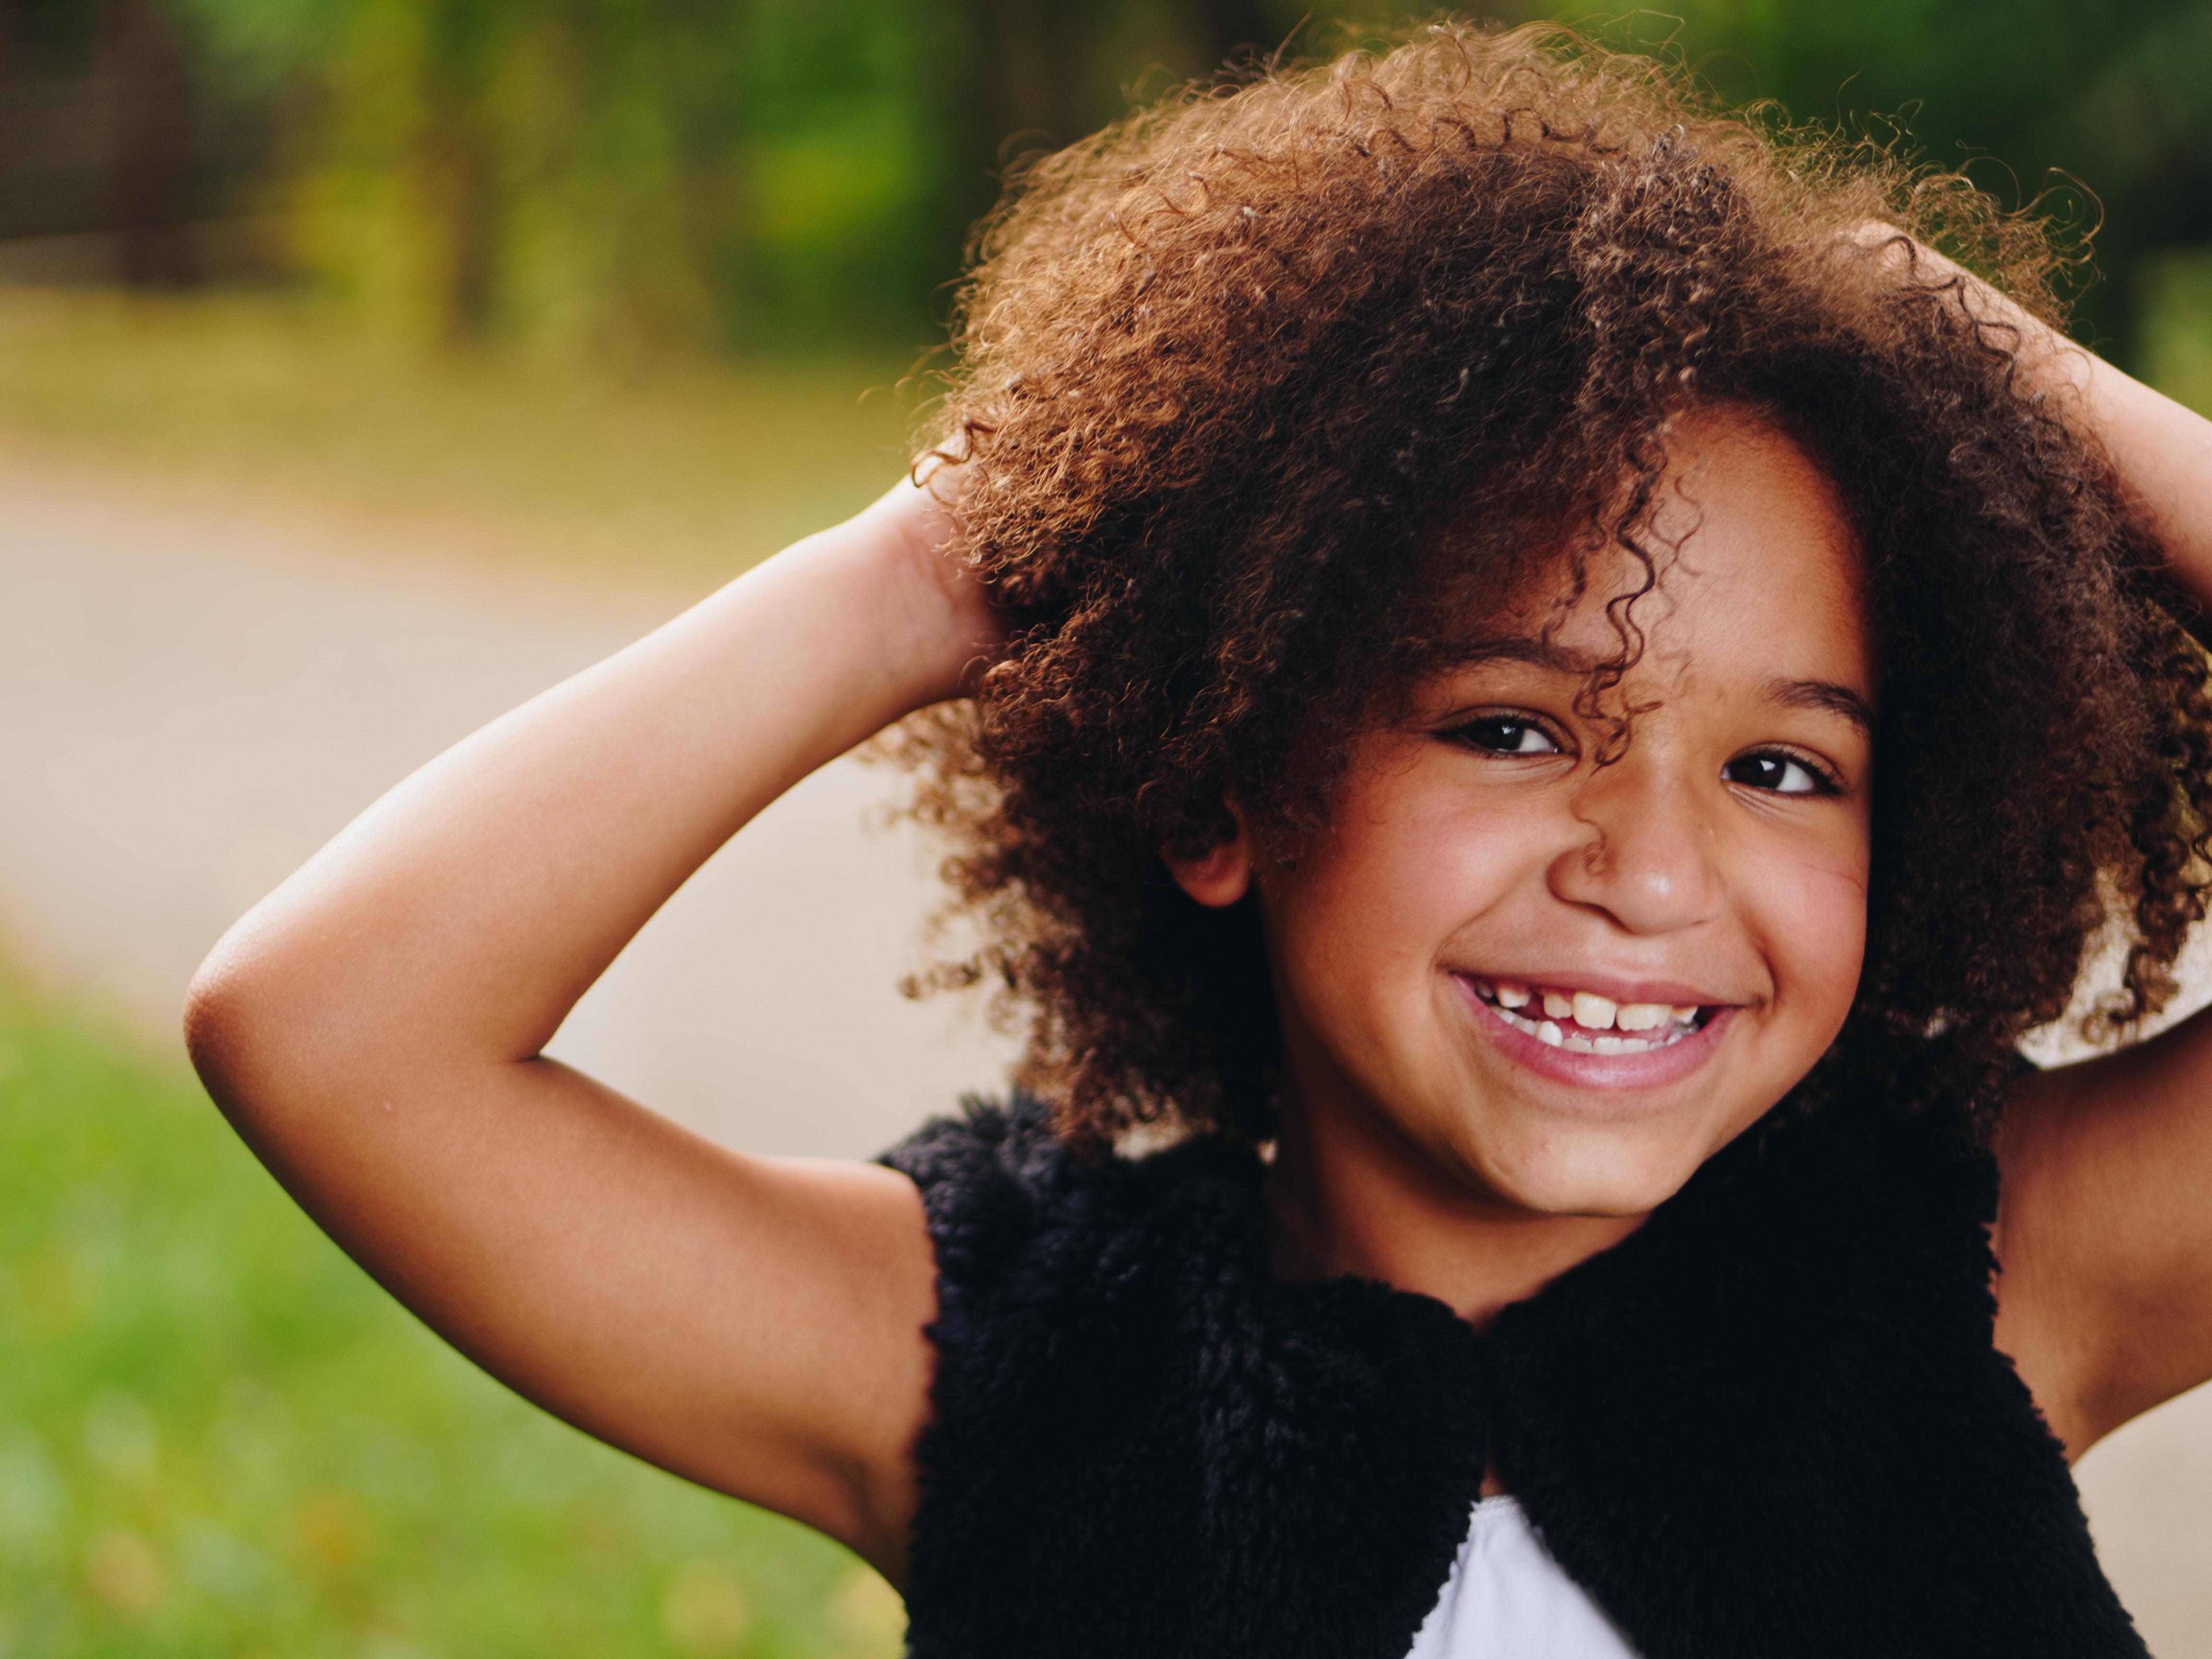 criança sorrindo enquanto olha para lente